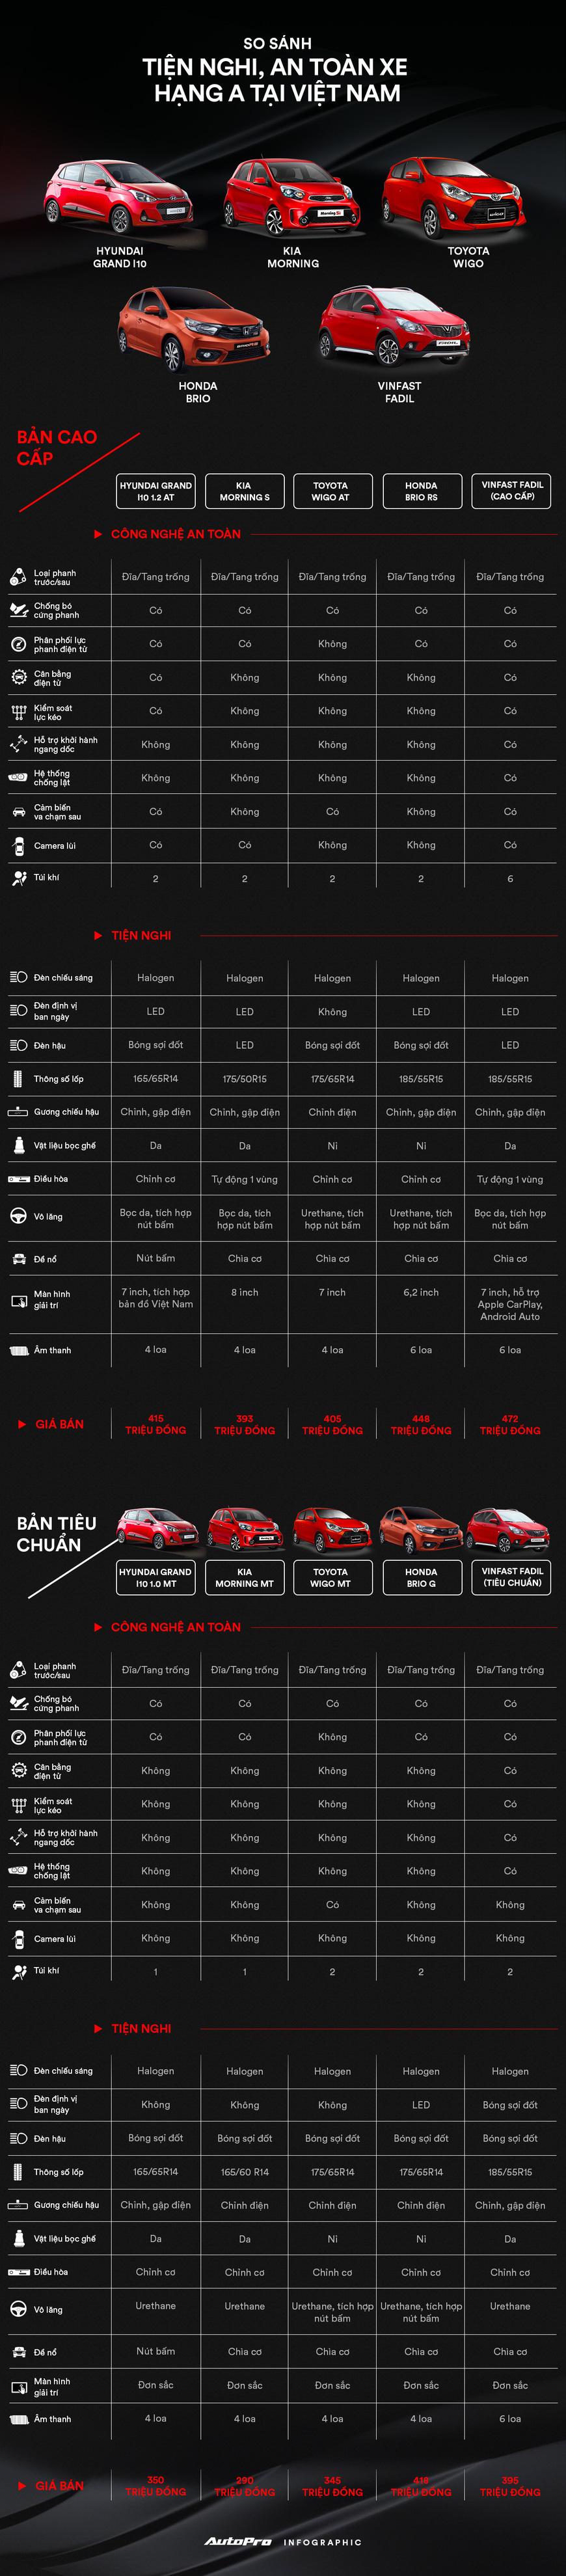 Cân đo an toàn, trang bị xe hạng A tại Việt Nam: VinFast Fadil liệu có vượt trội như quảng cáo? - Ảnh 1.